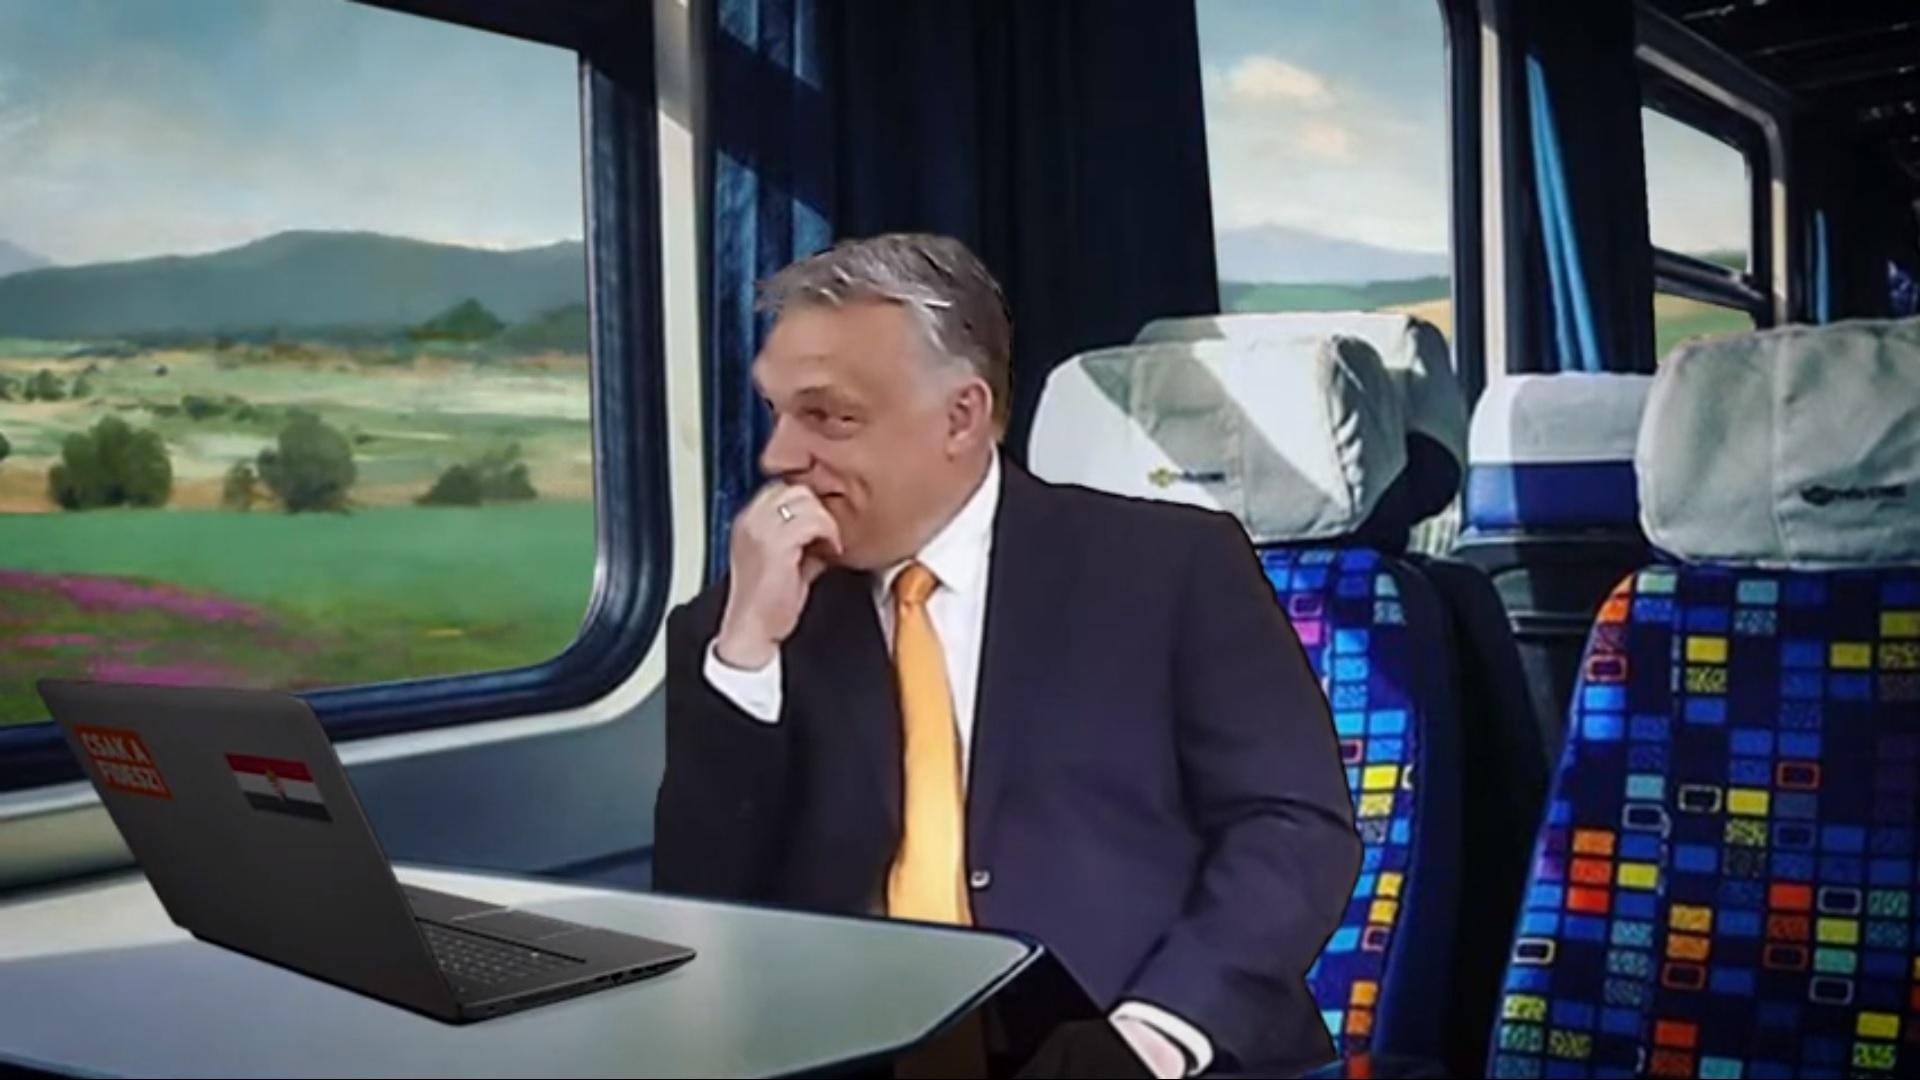 Itt az Orbánwave: a szentendrei Fidelitas 1 órás agymosó mixet készített Orbán-idézetekből